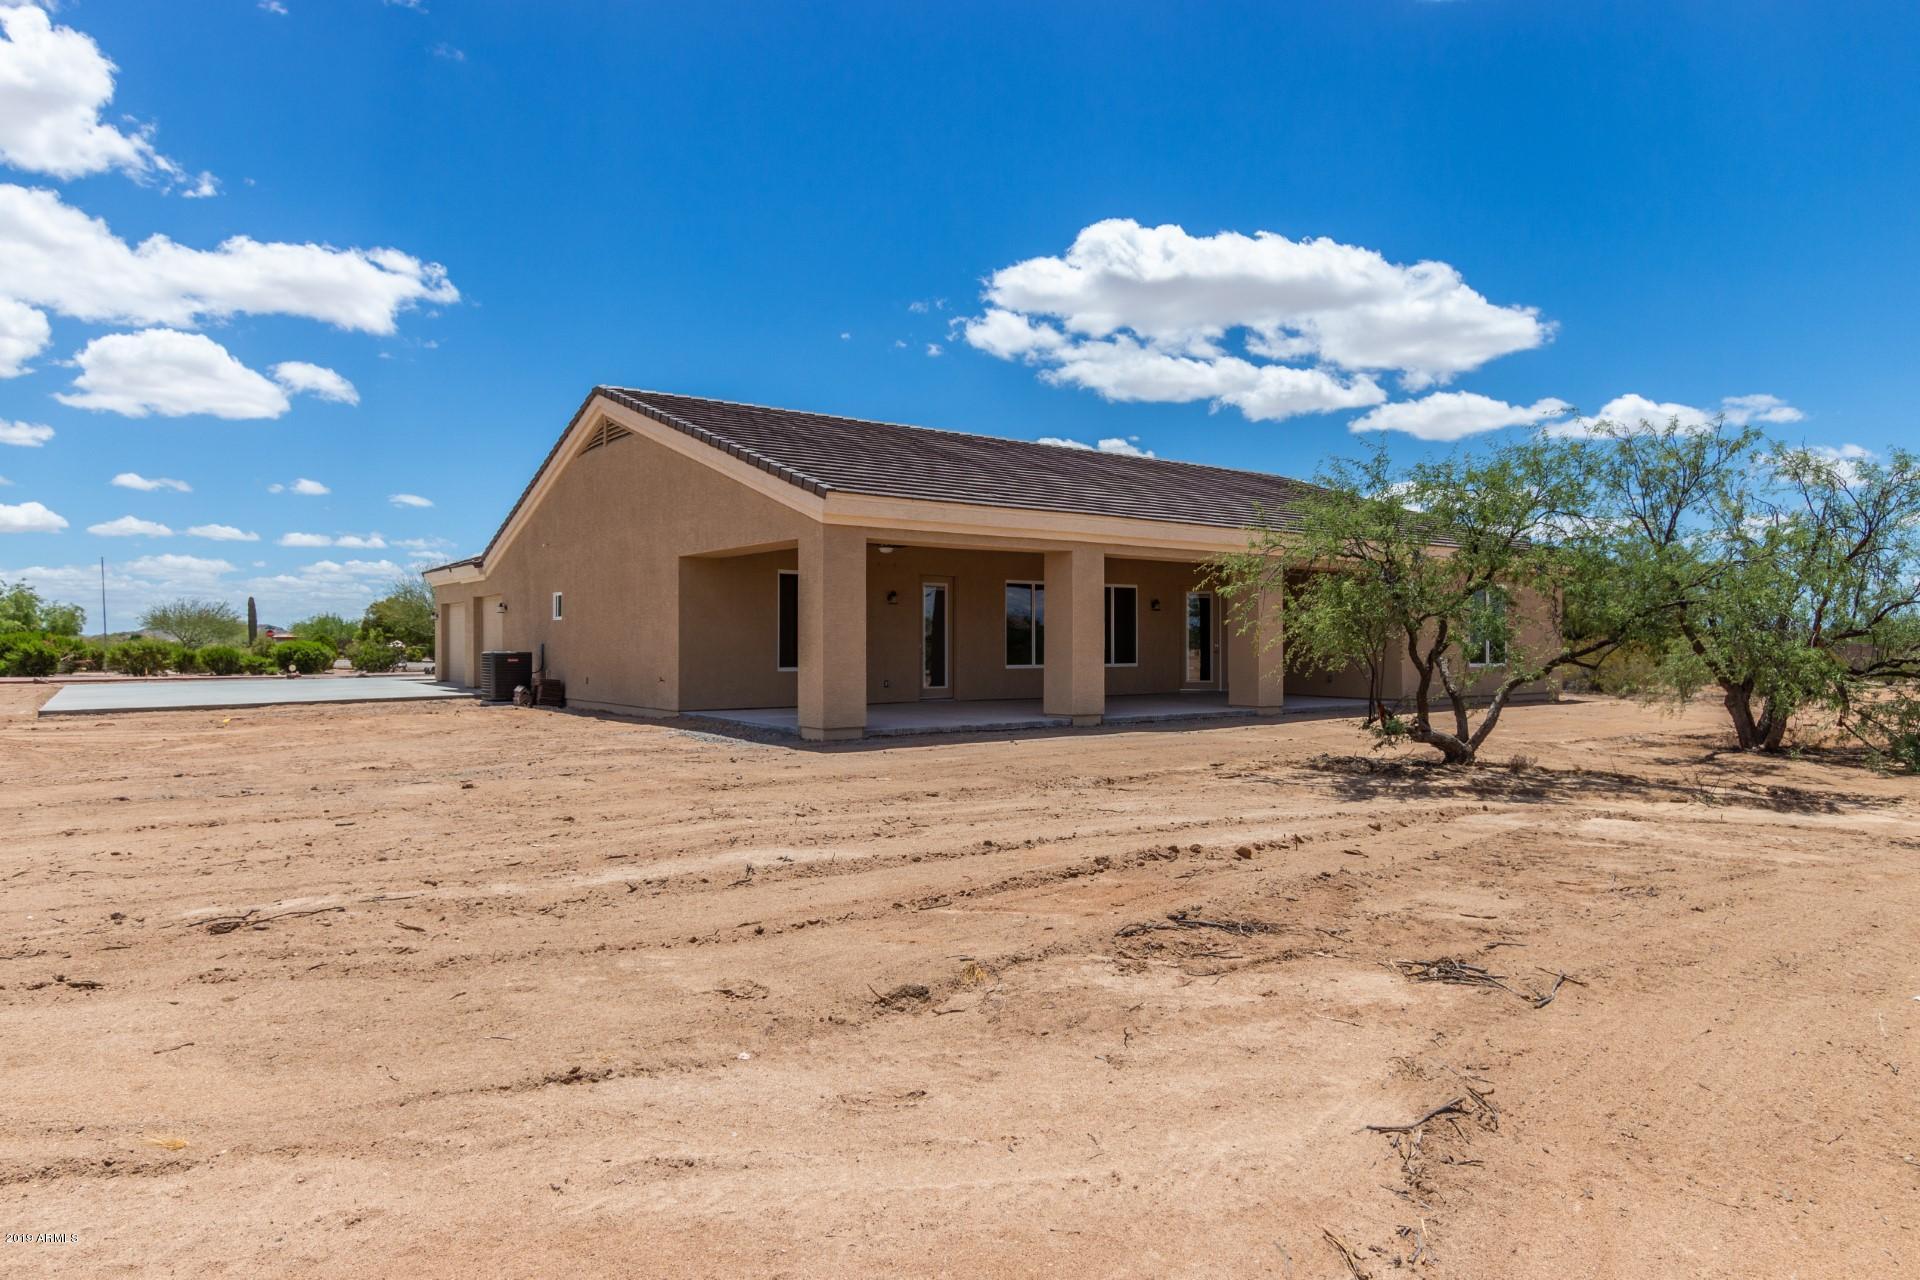 MLS 5930816 12570 W TOLTEC Lane, Casa Grande, AZ 85194 Casa Grande AZ 3 or More Car Garage